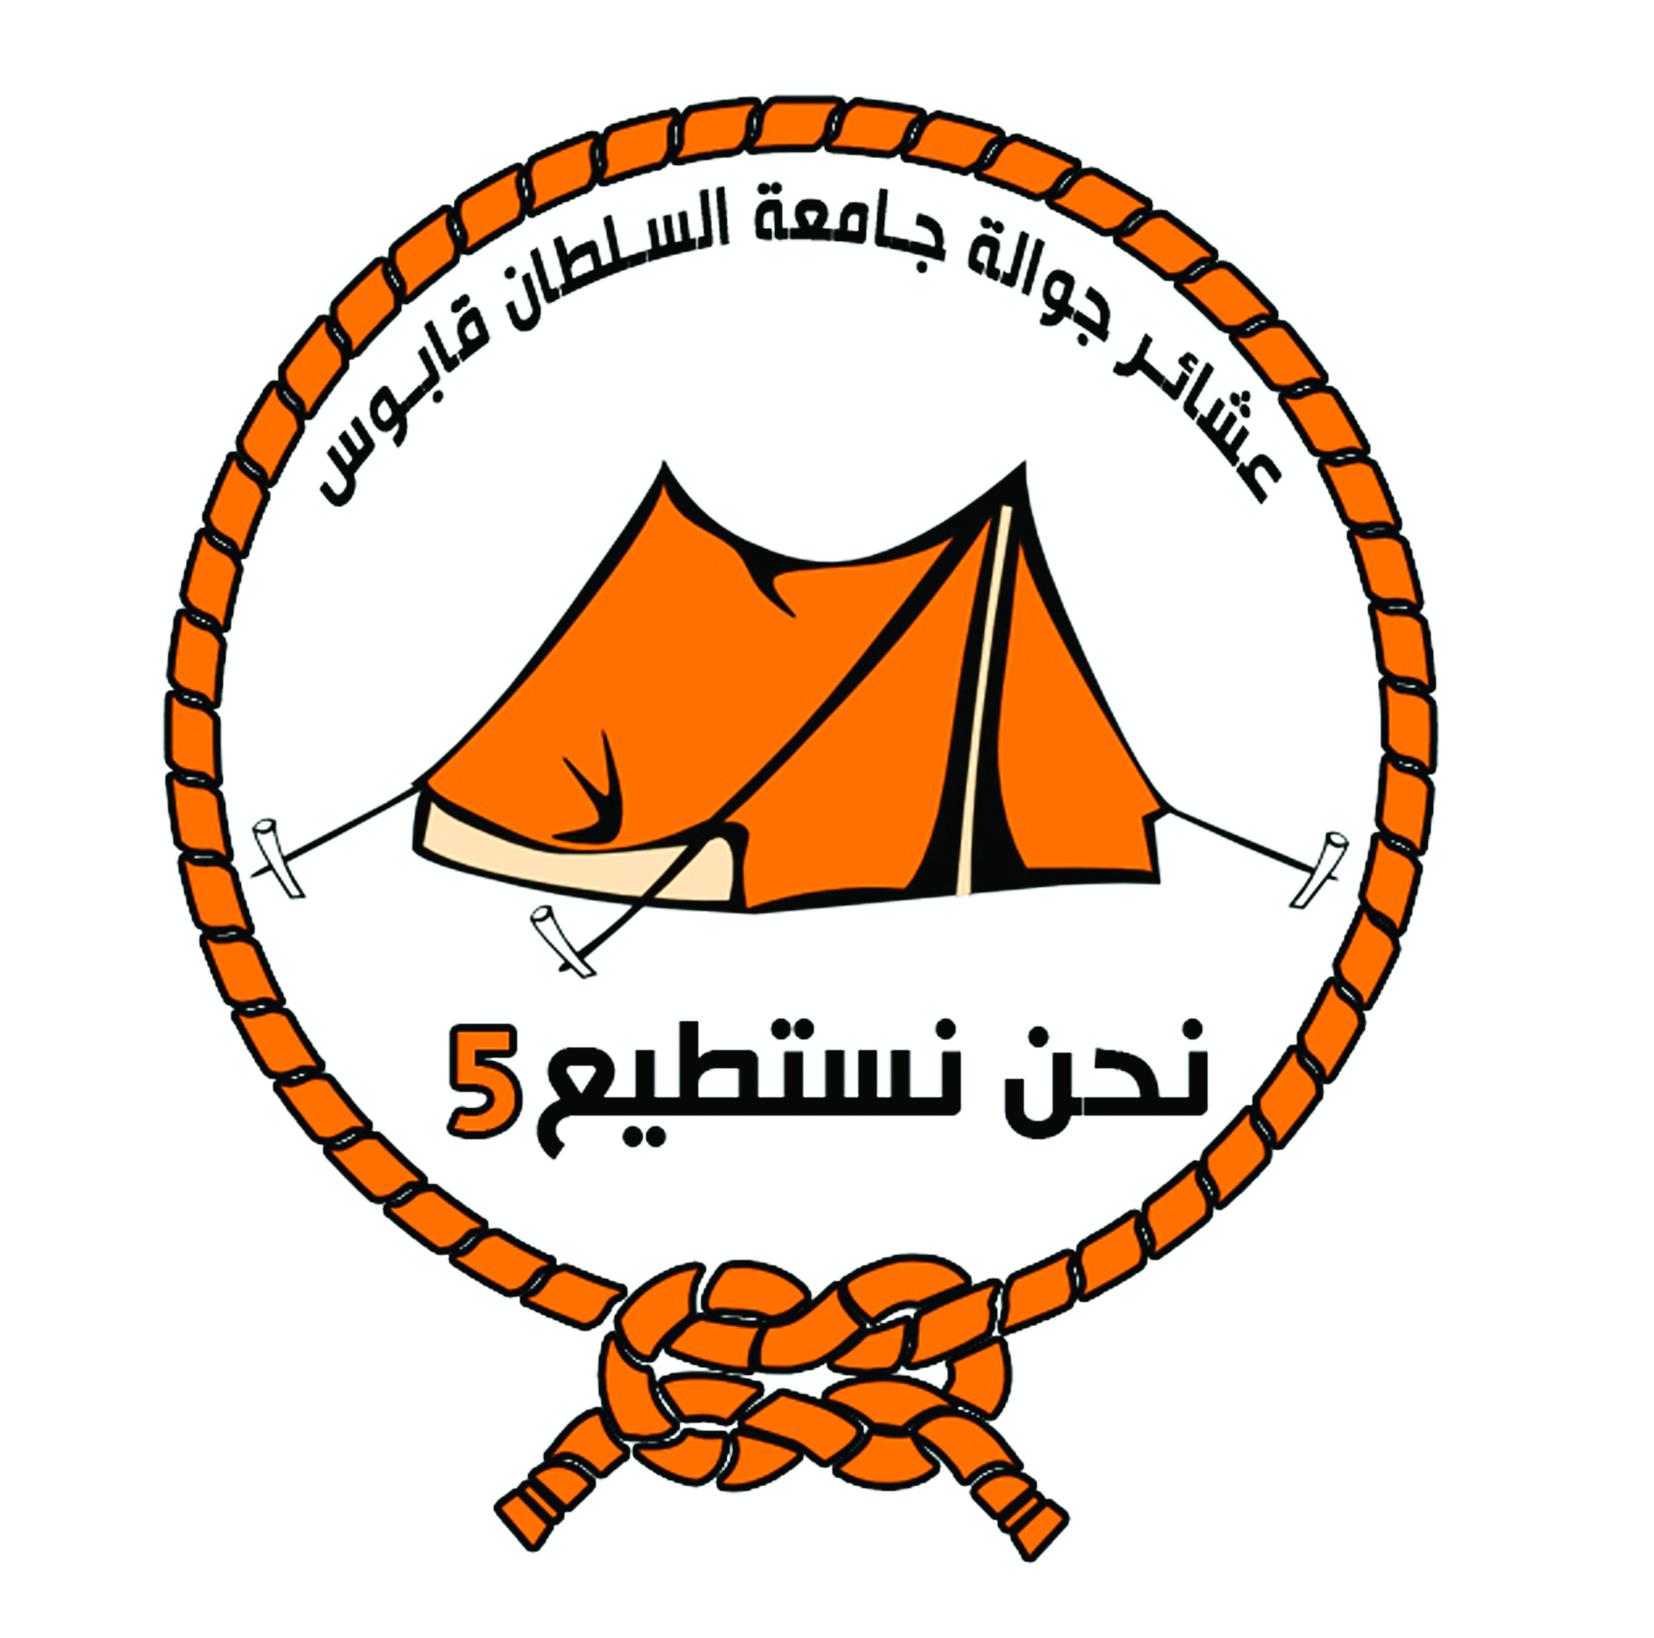 جوالة جامعة السلطان قابوس تدشن معسكرها التدريبي «#نحن_نستطيع5»